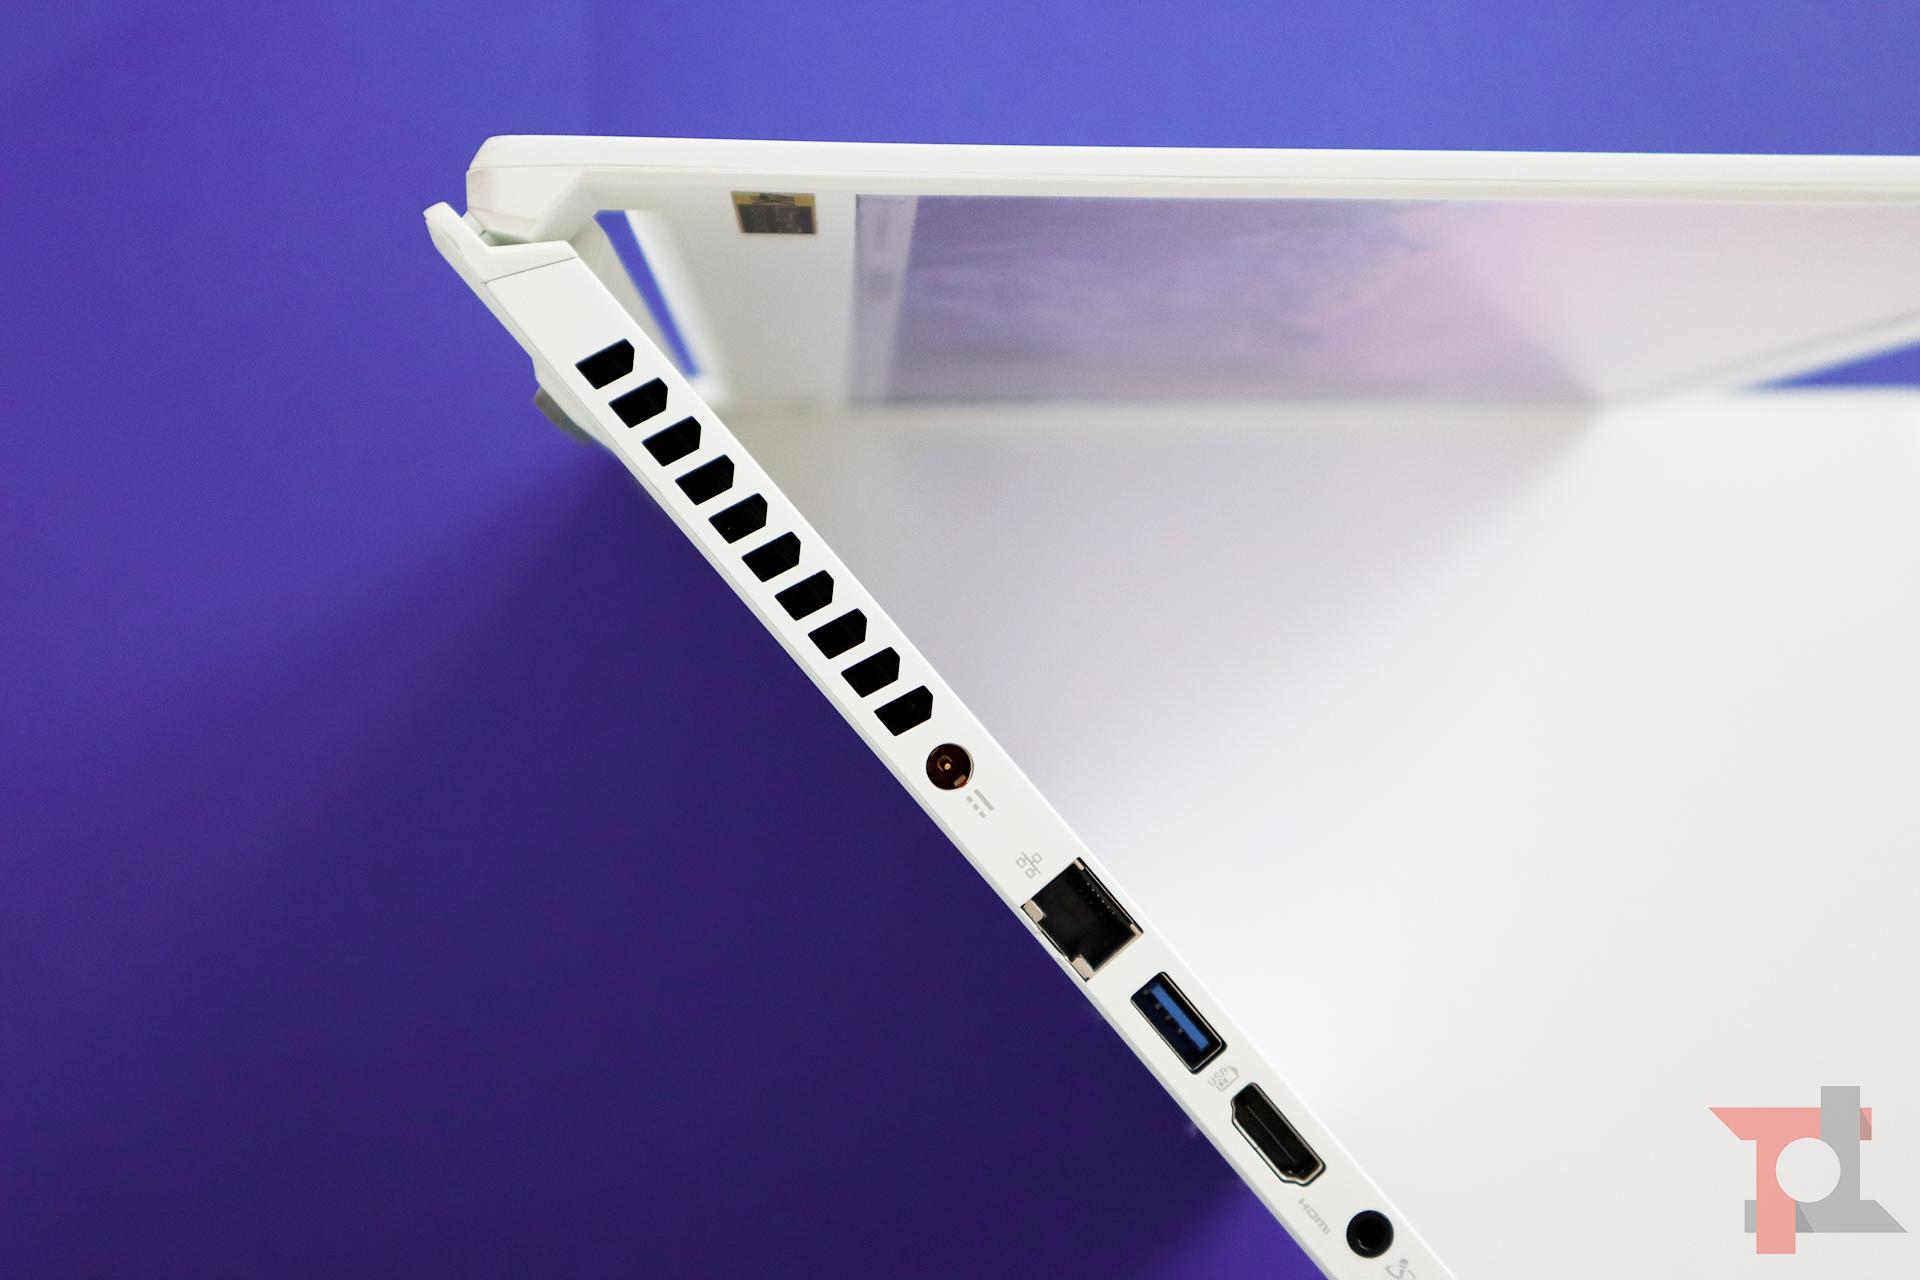 Acer ConceptD 7 scheda tecnica